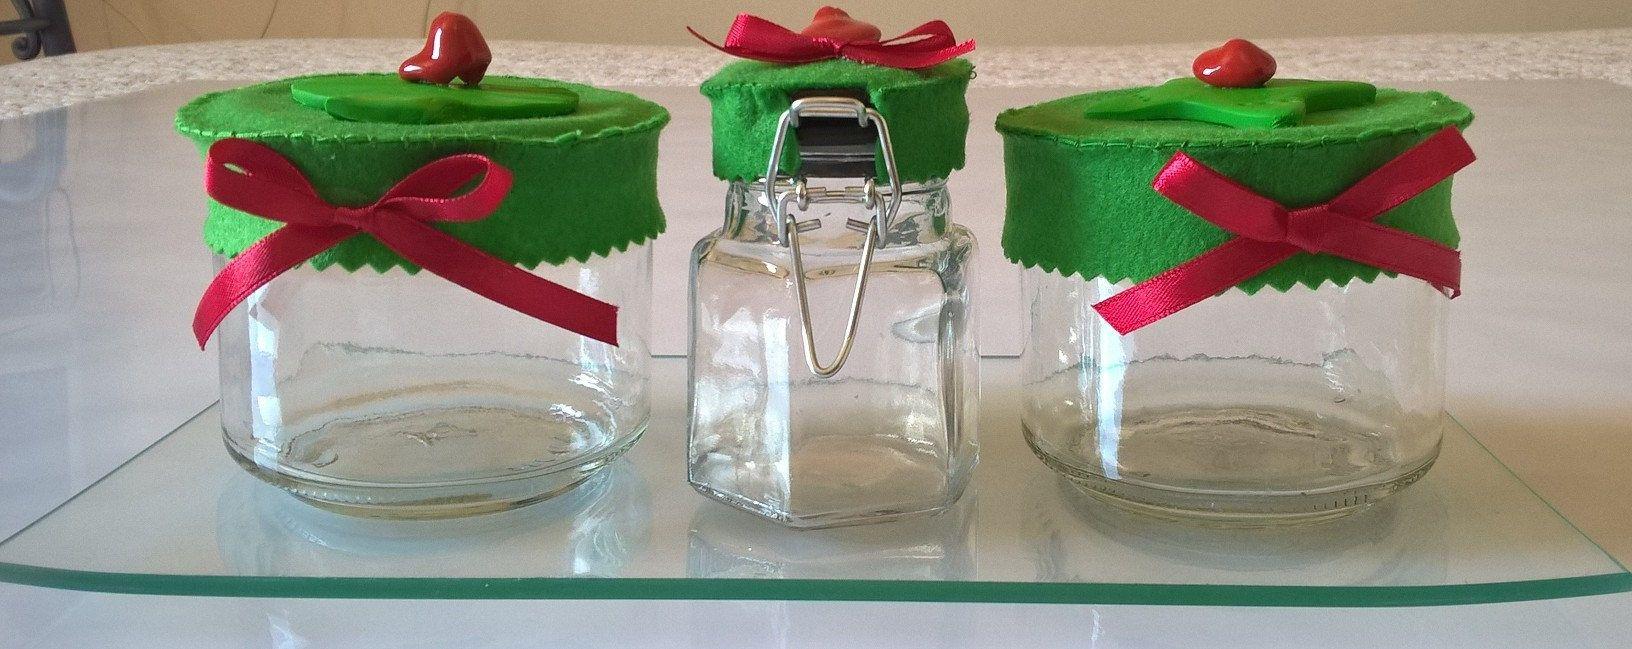 Vasetti barattoli per spezie decorati con portavasetti in vetro da ...